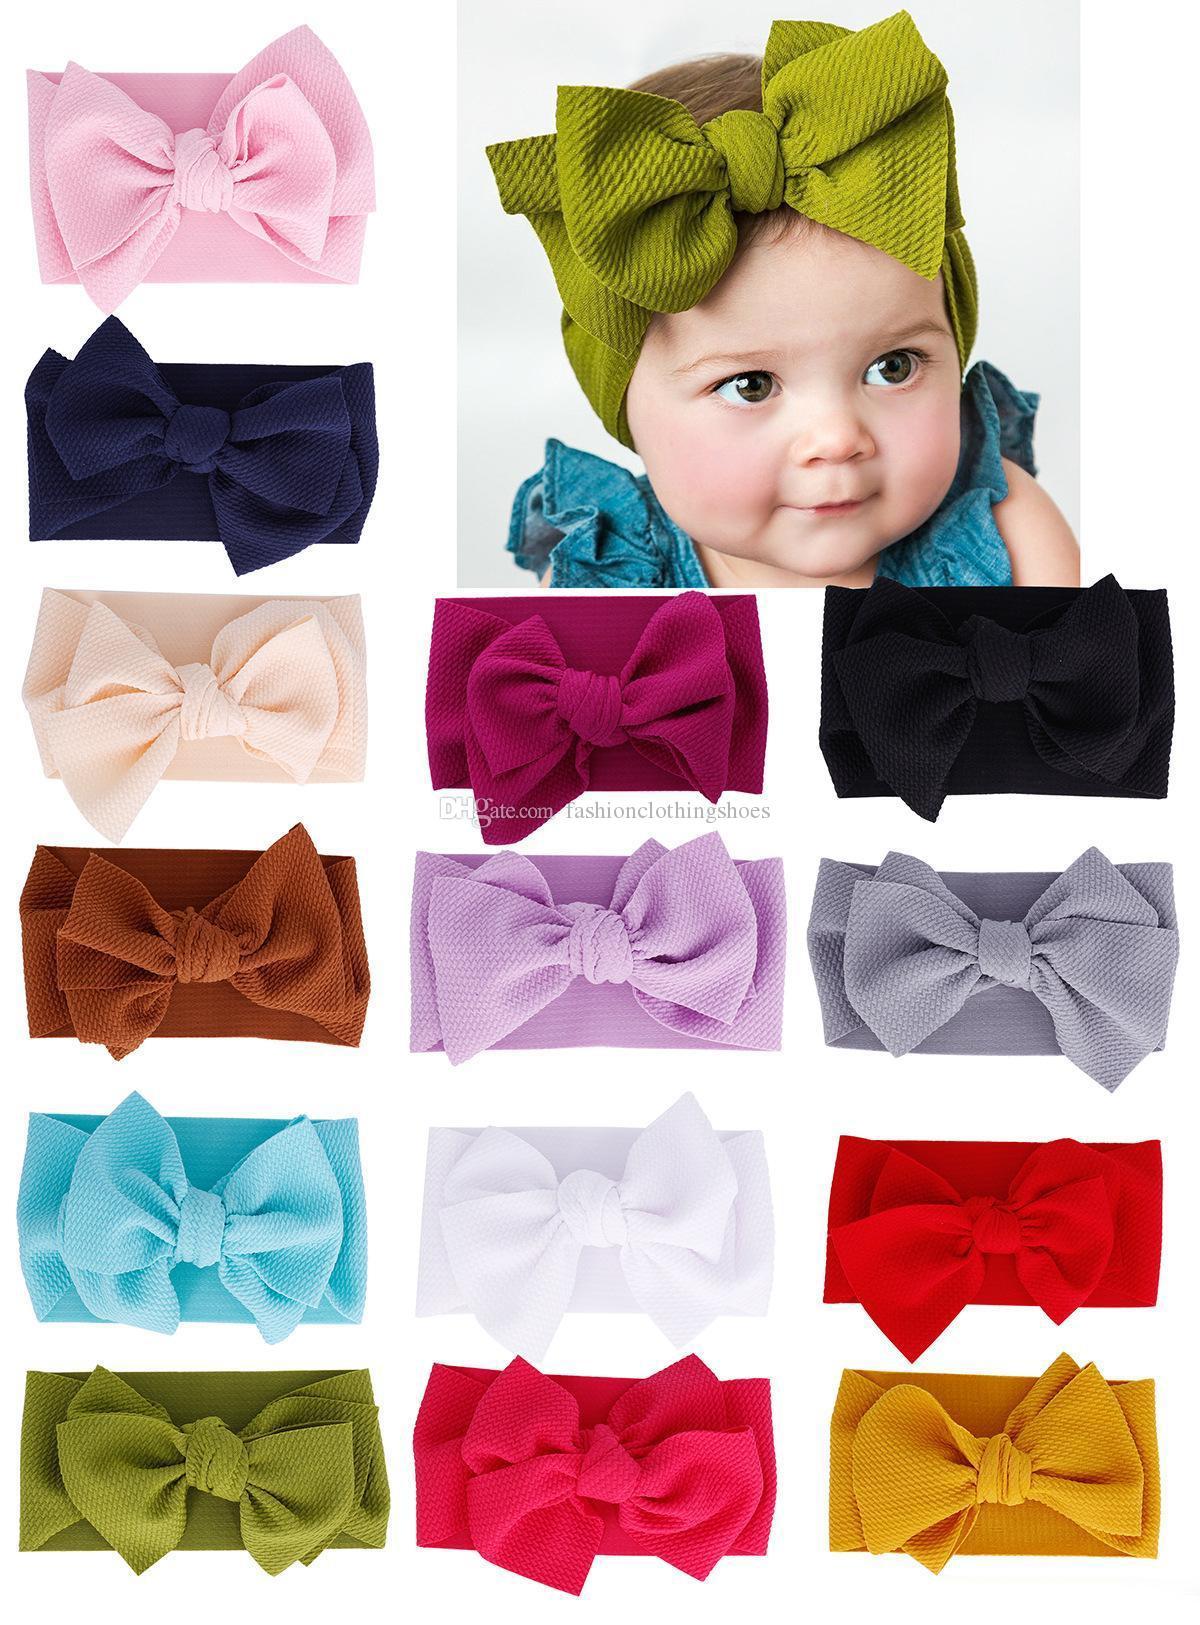 14 اللون تناسب جميع طفل كبير القوس الفتيات عقال 7 بوصة كبير bowknot حك الاطفال القوس للشعر القطن واسعة رئيس عمامة الرضع الوليد رباطات